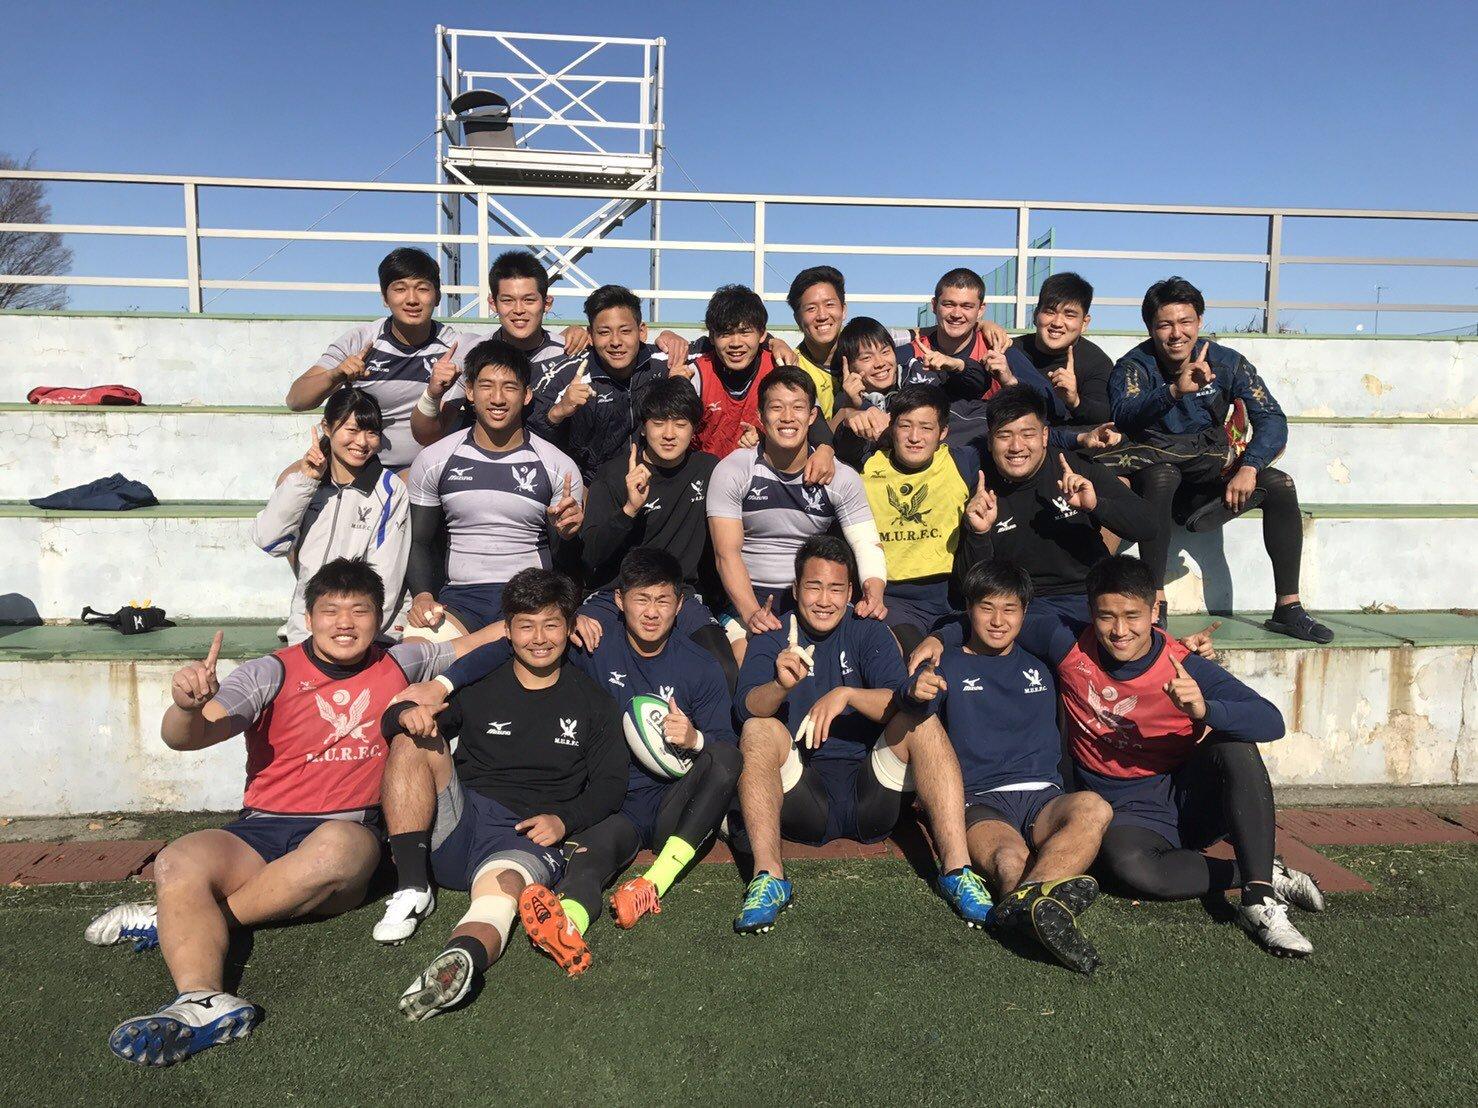 明大ラグビー&サントリーラグビー、共に日本一まであと一勝!!_c0372561_02024204.jpg